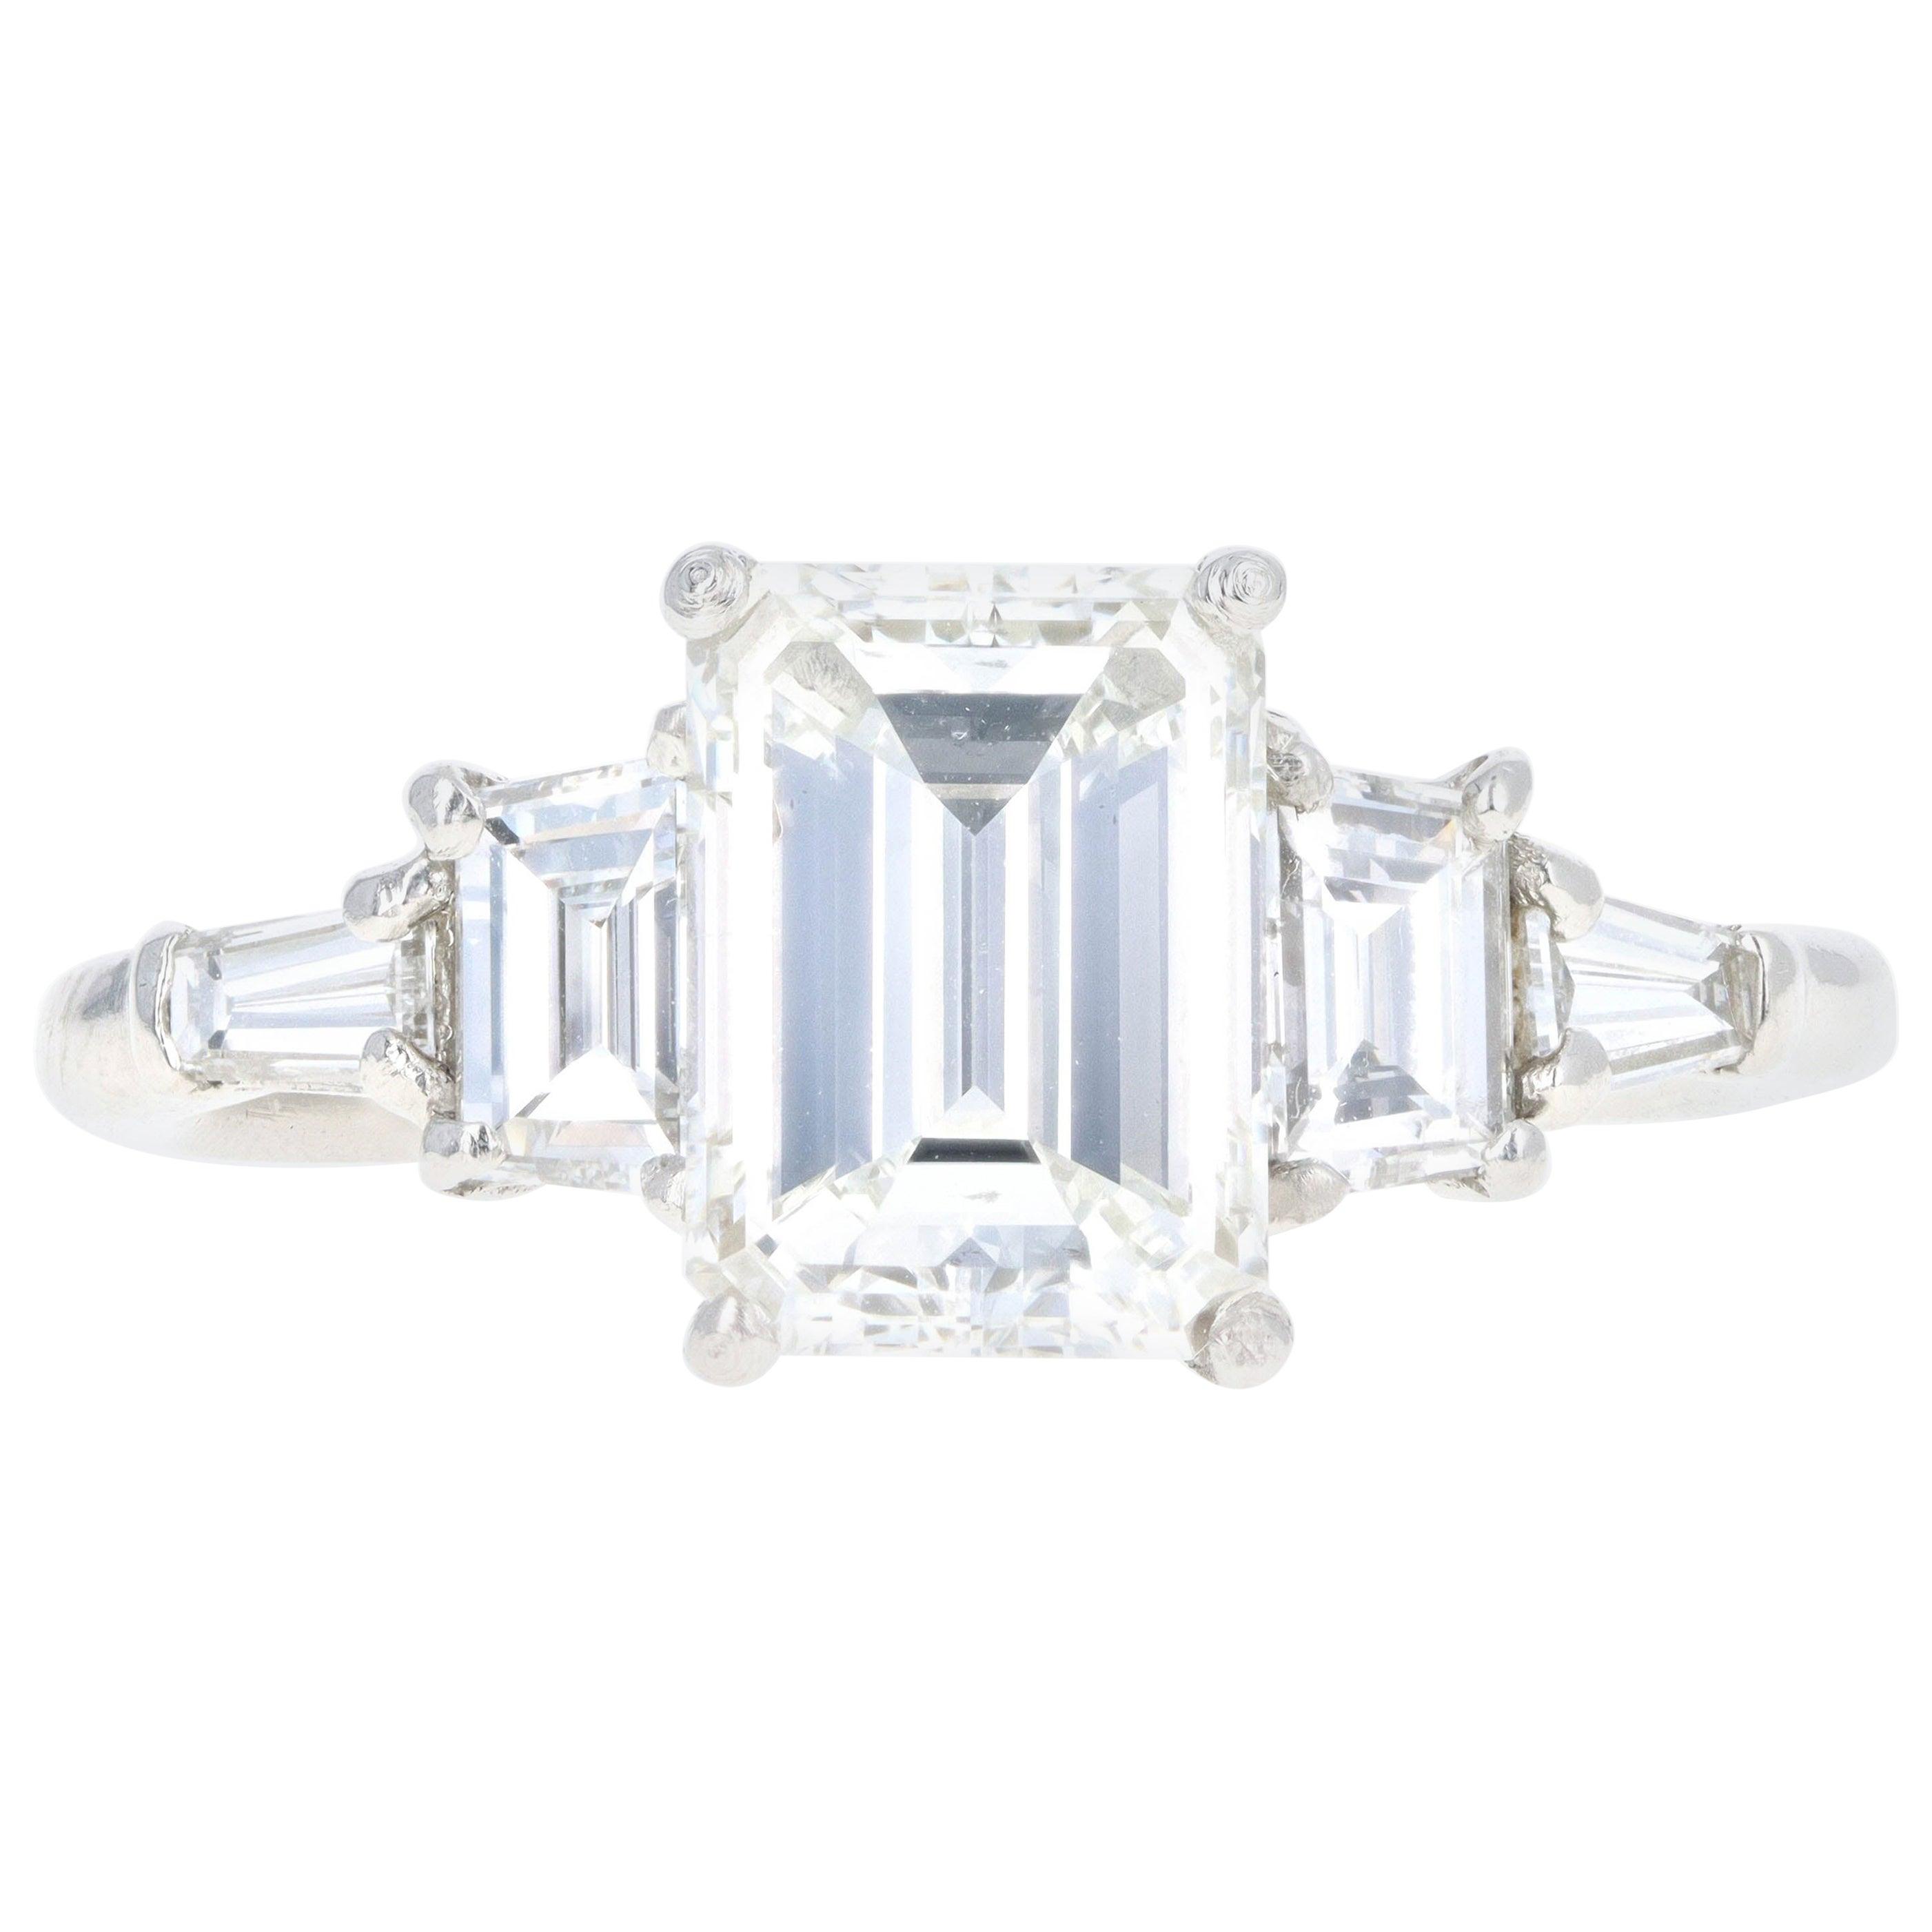 Platinum 2.03 Carat Emerald Cut Diamond Engagement Ring